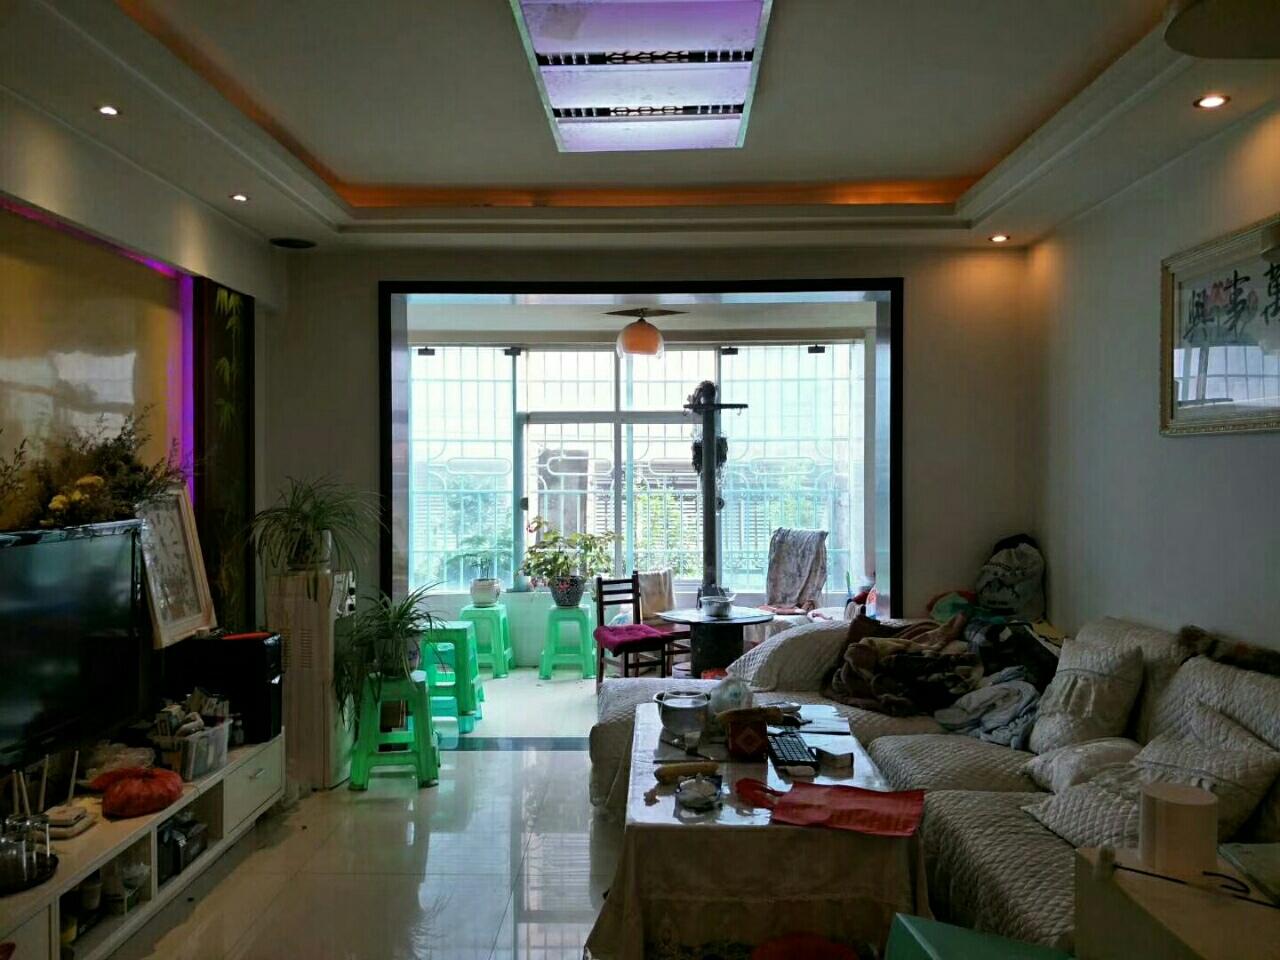 龙腾锦城3室 2厅 2卫,户型好